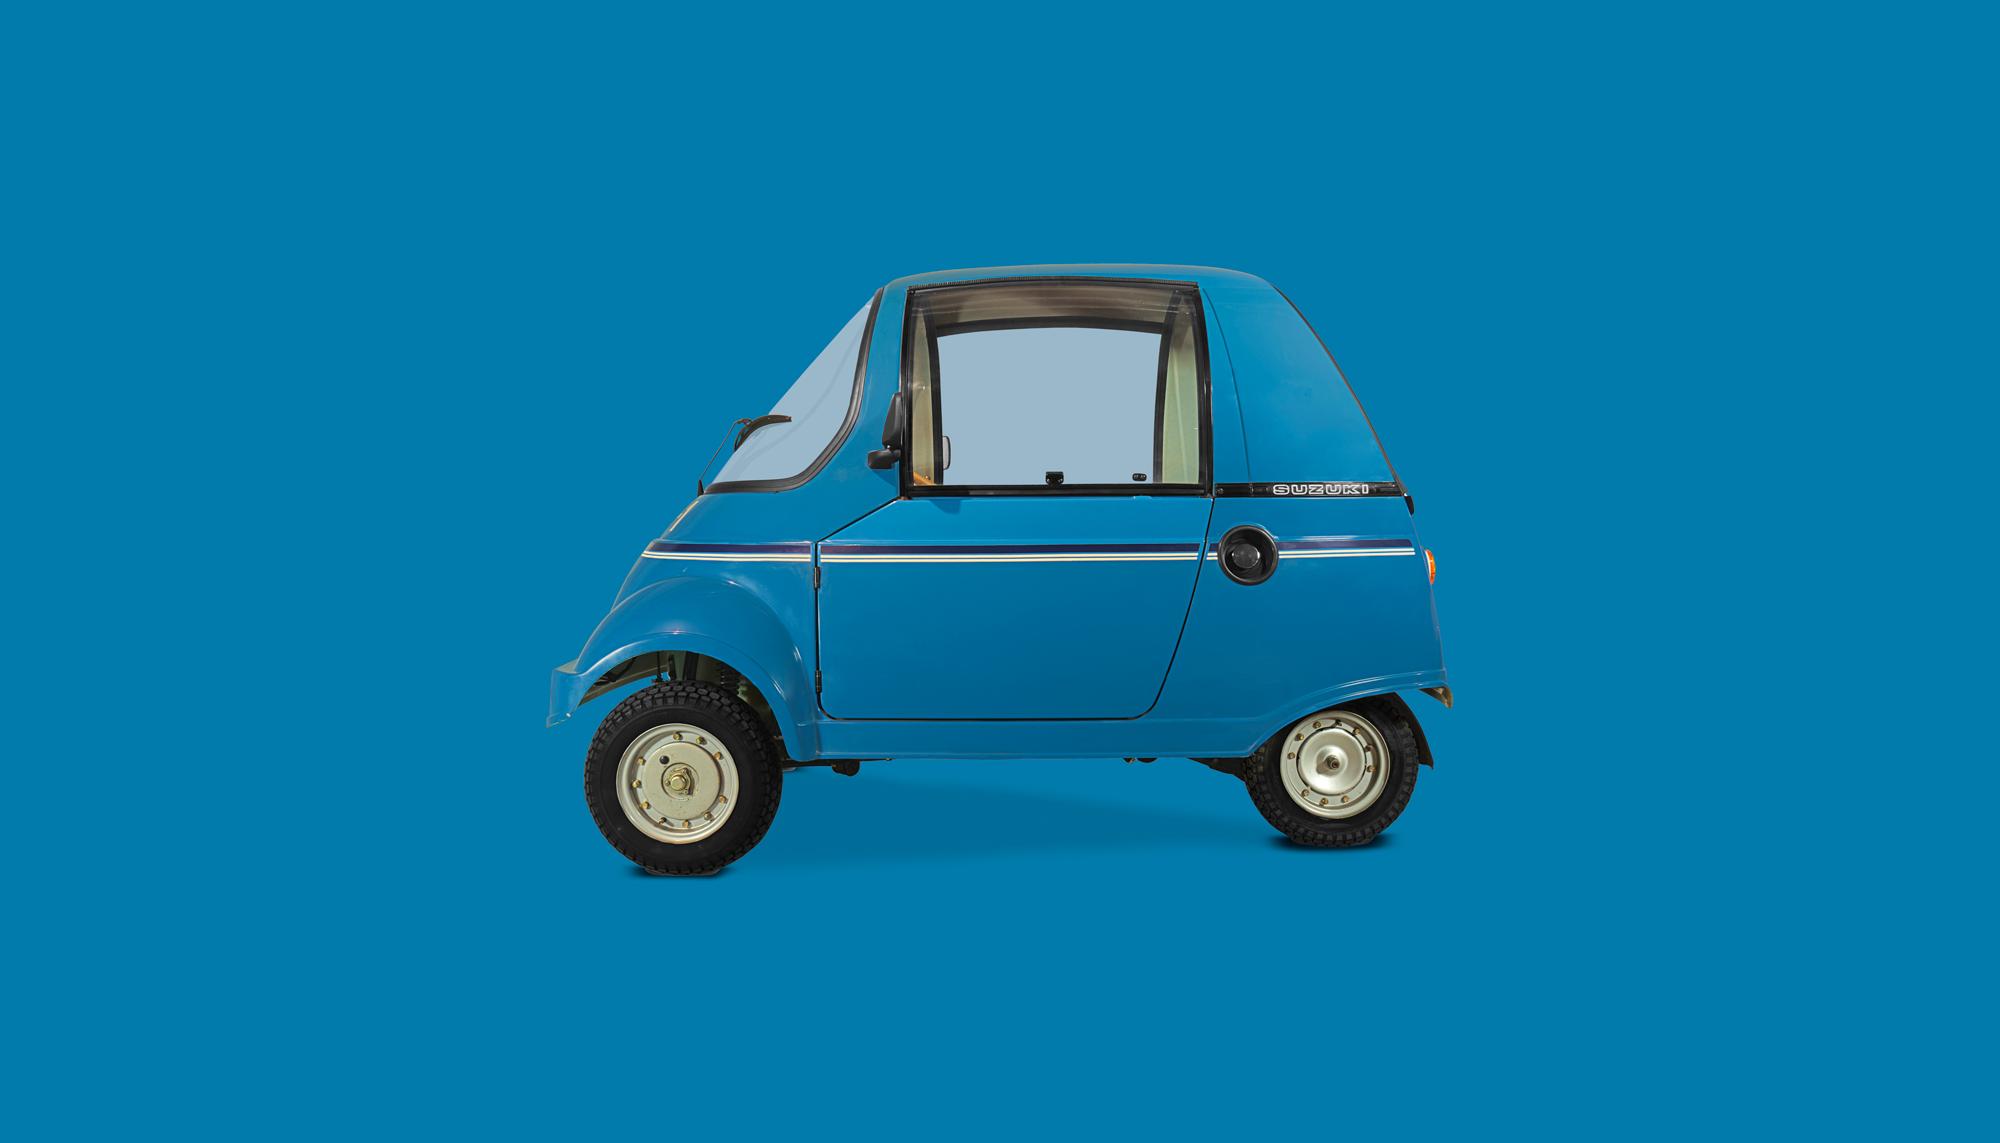 Bekijk Suzuki CV-1 in het Louwman Museum